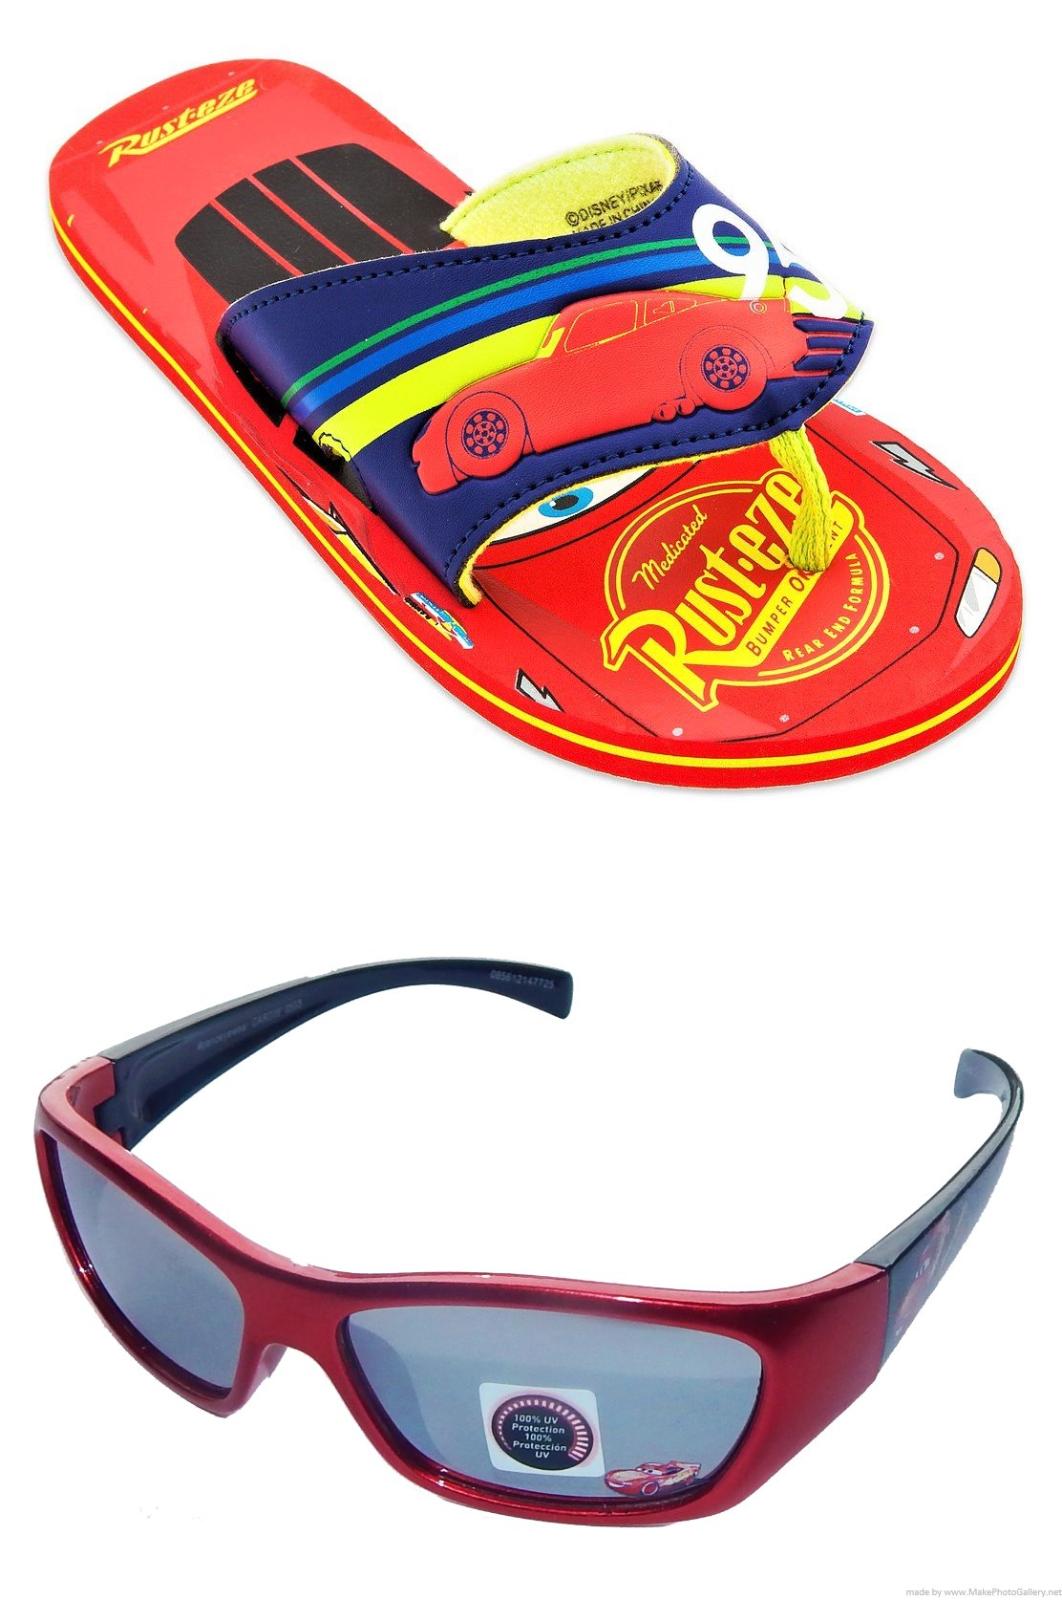 DISNEY CARS LIGHTNING McQUEEN Flip Flops w/ Optional Sunglasses Beach Sandals